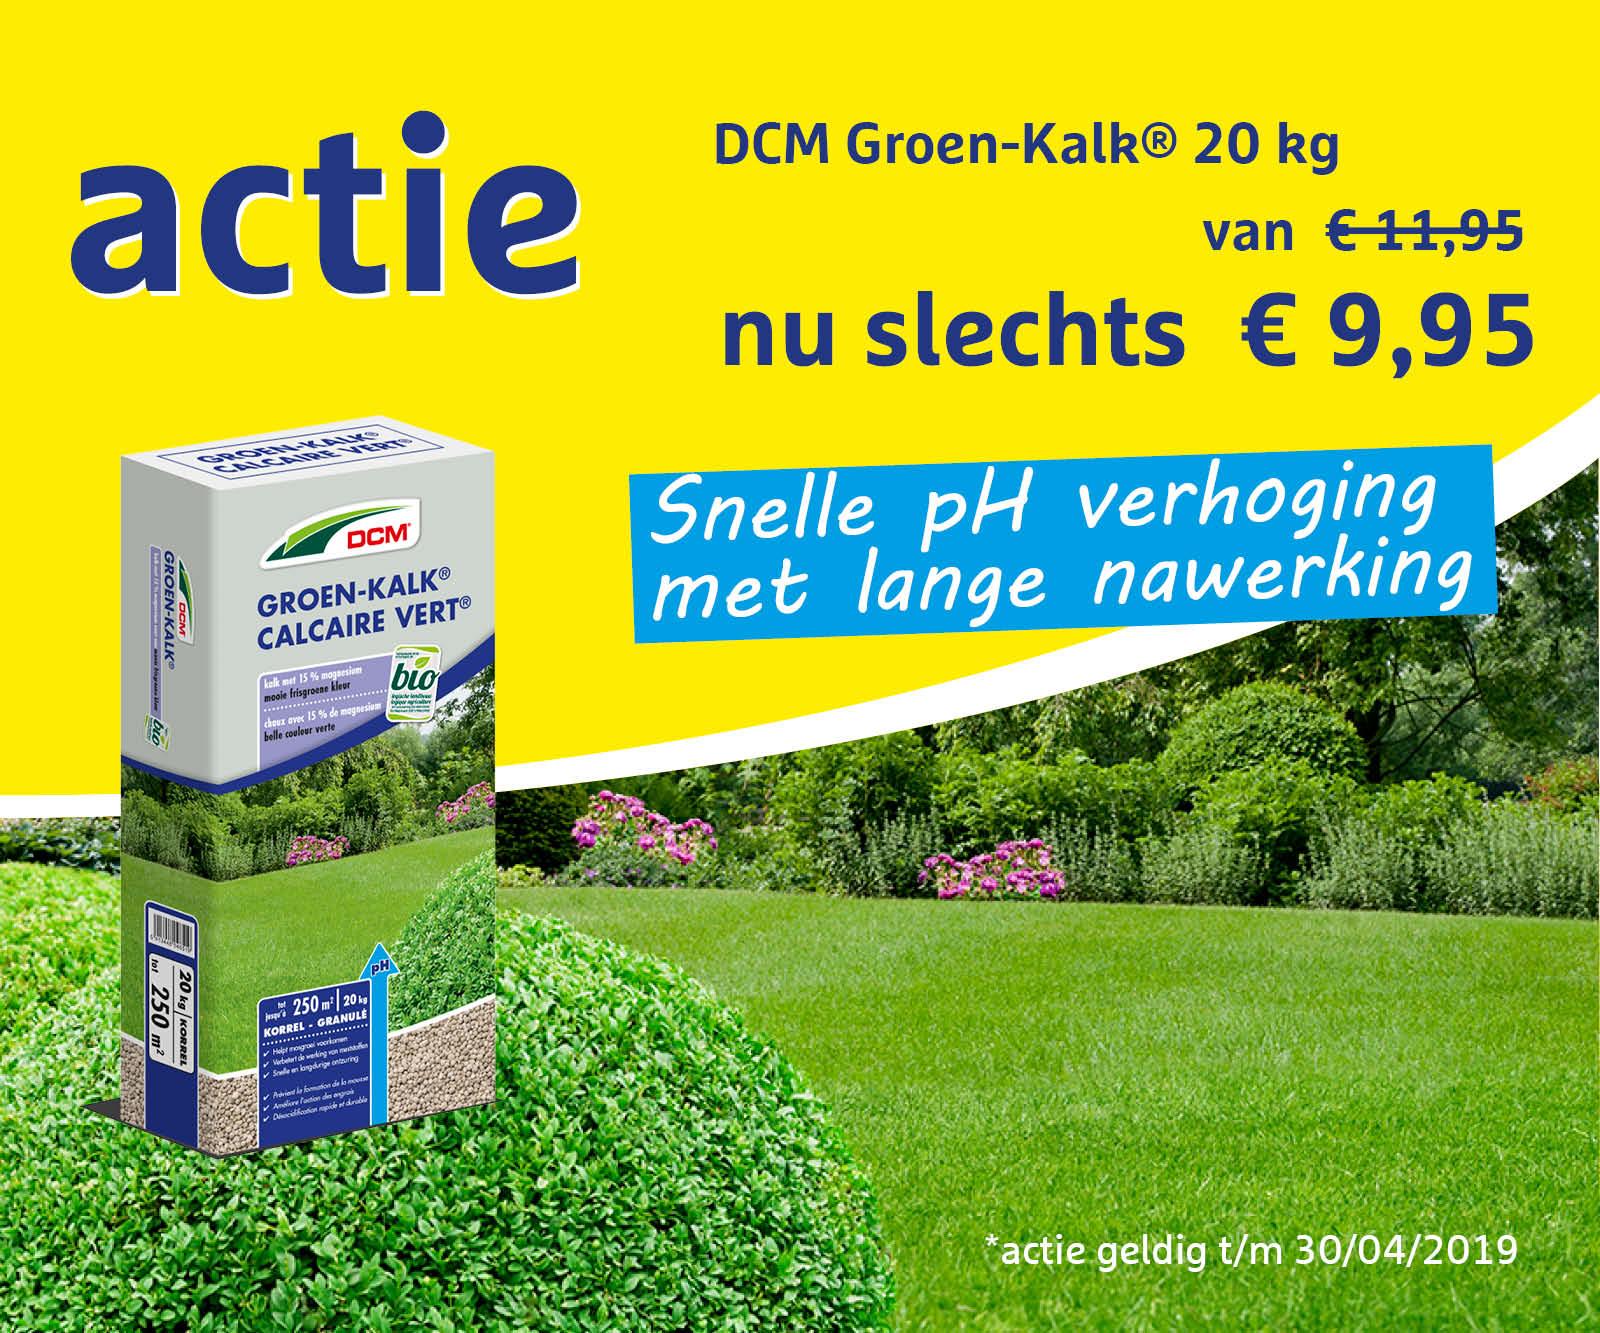 Actie Groen-Kalk 20 kg